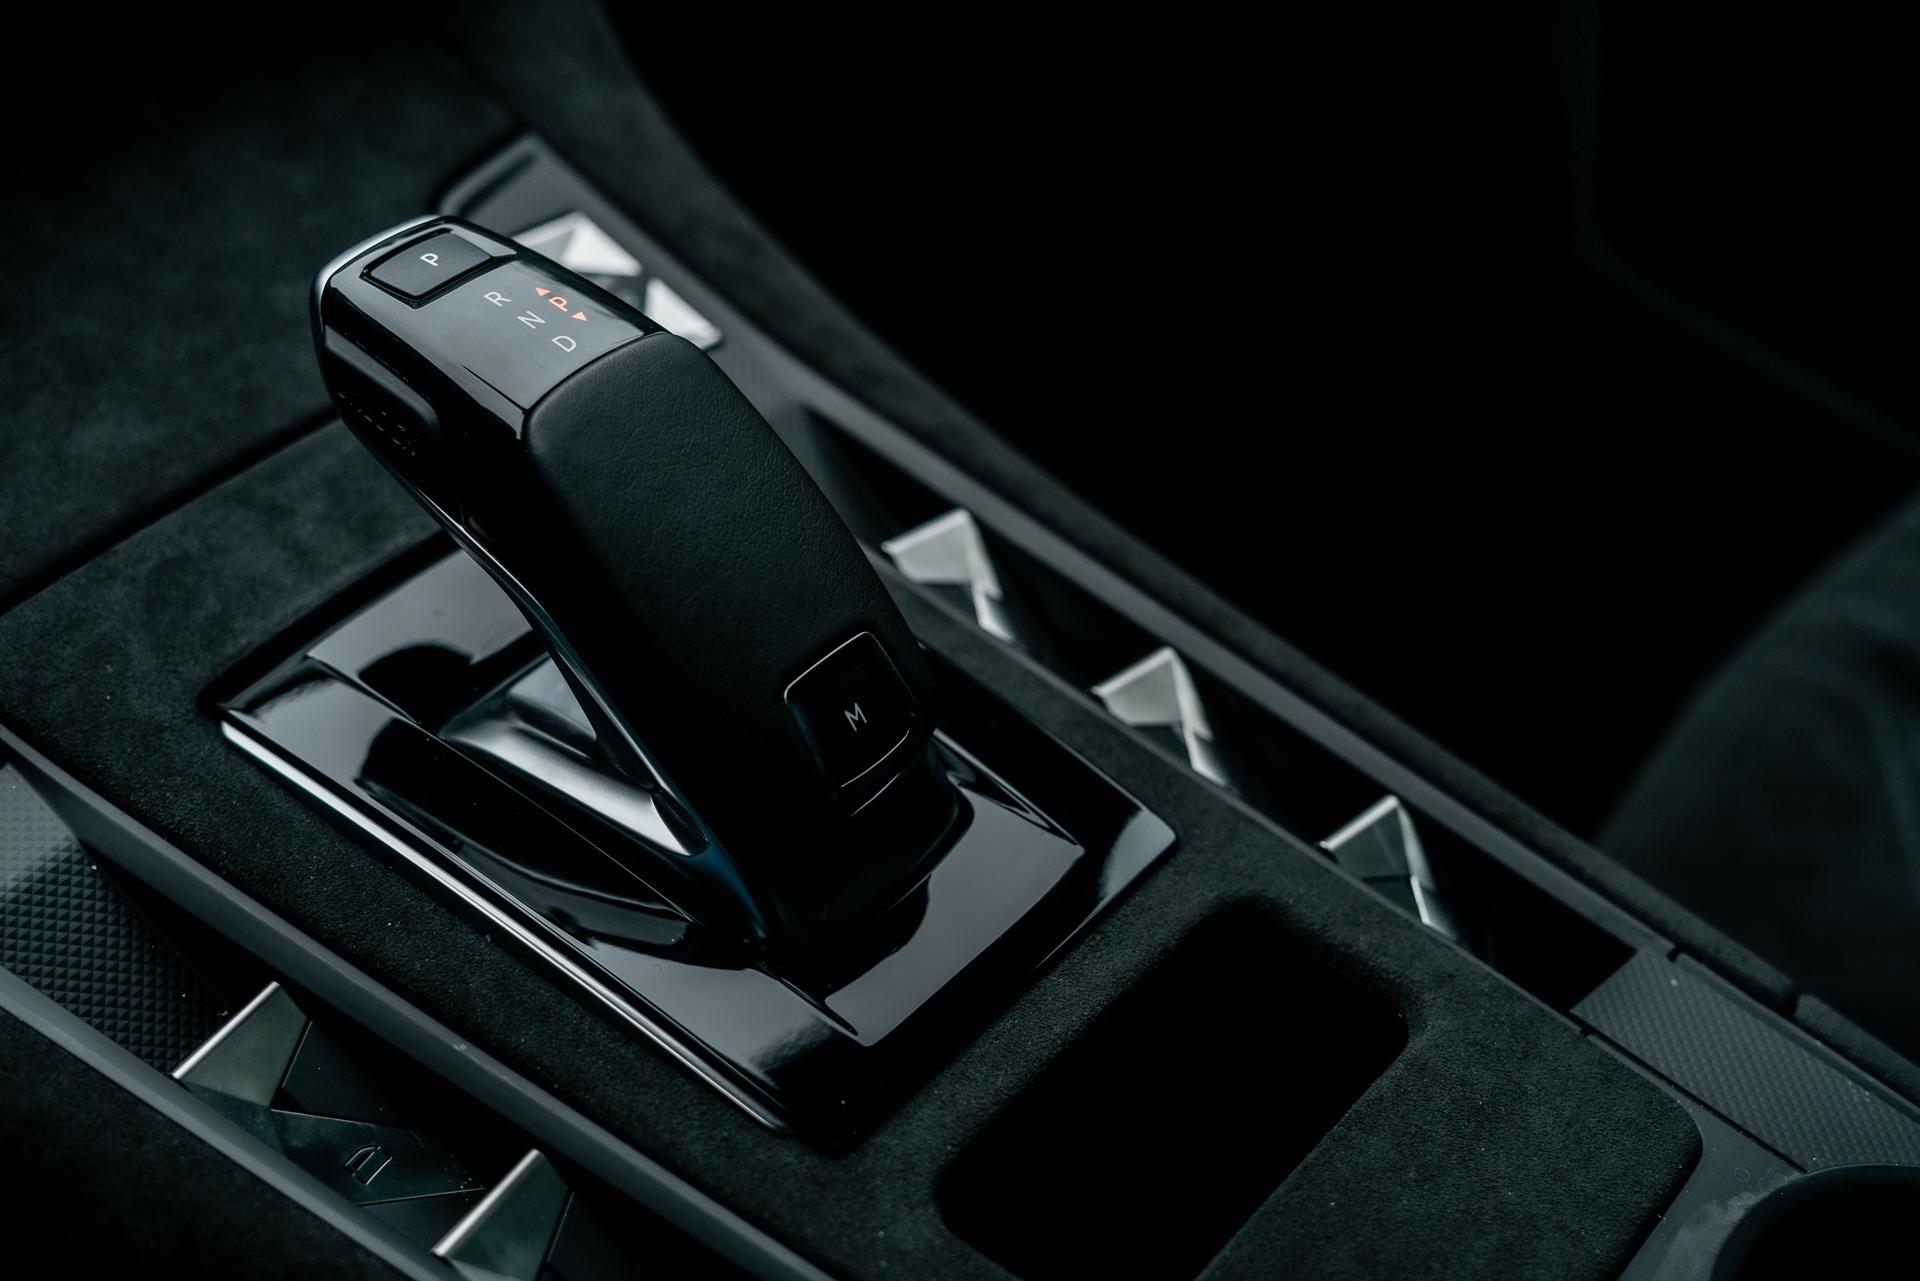 DS 7 Crossback gearstang